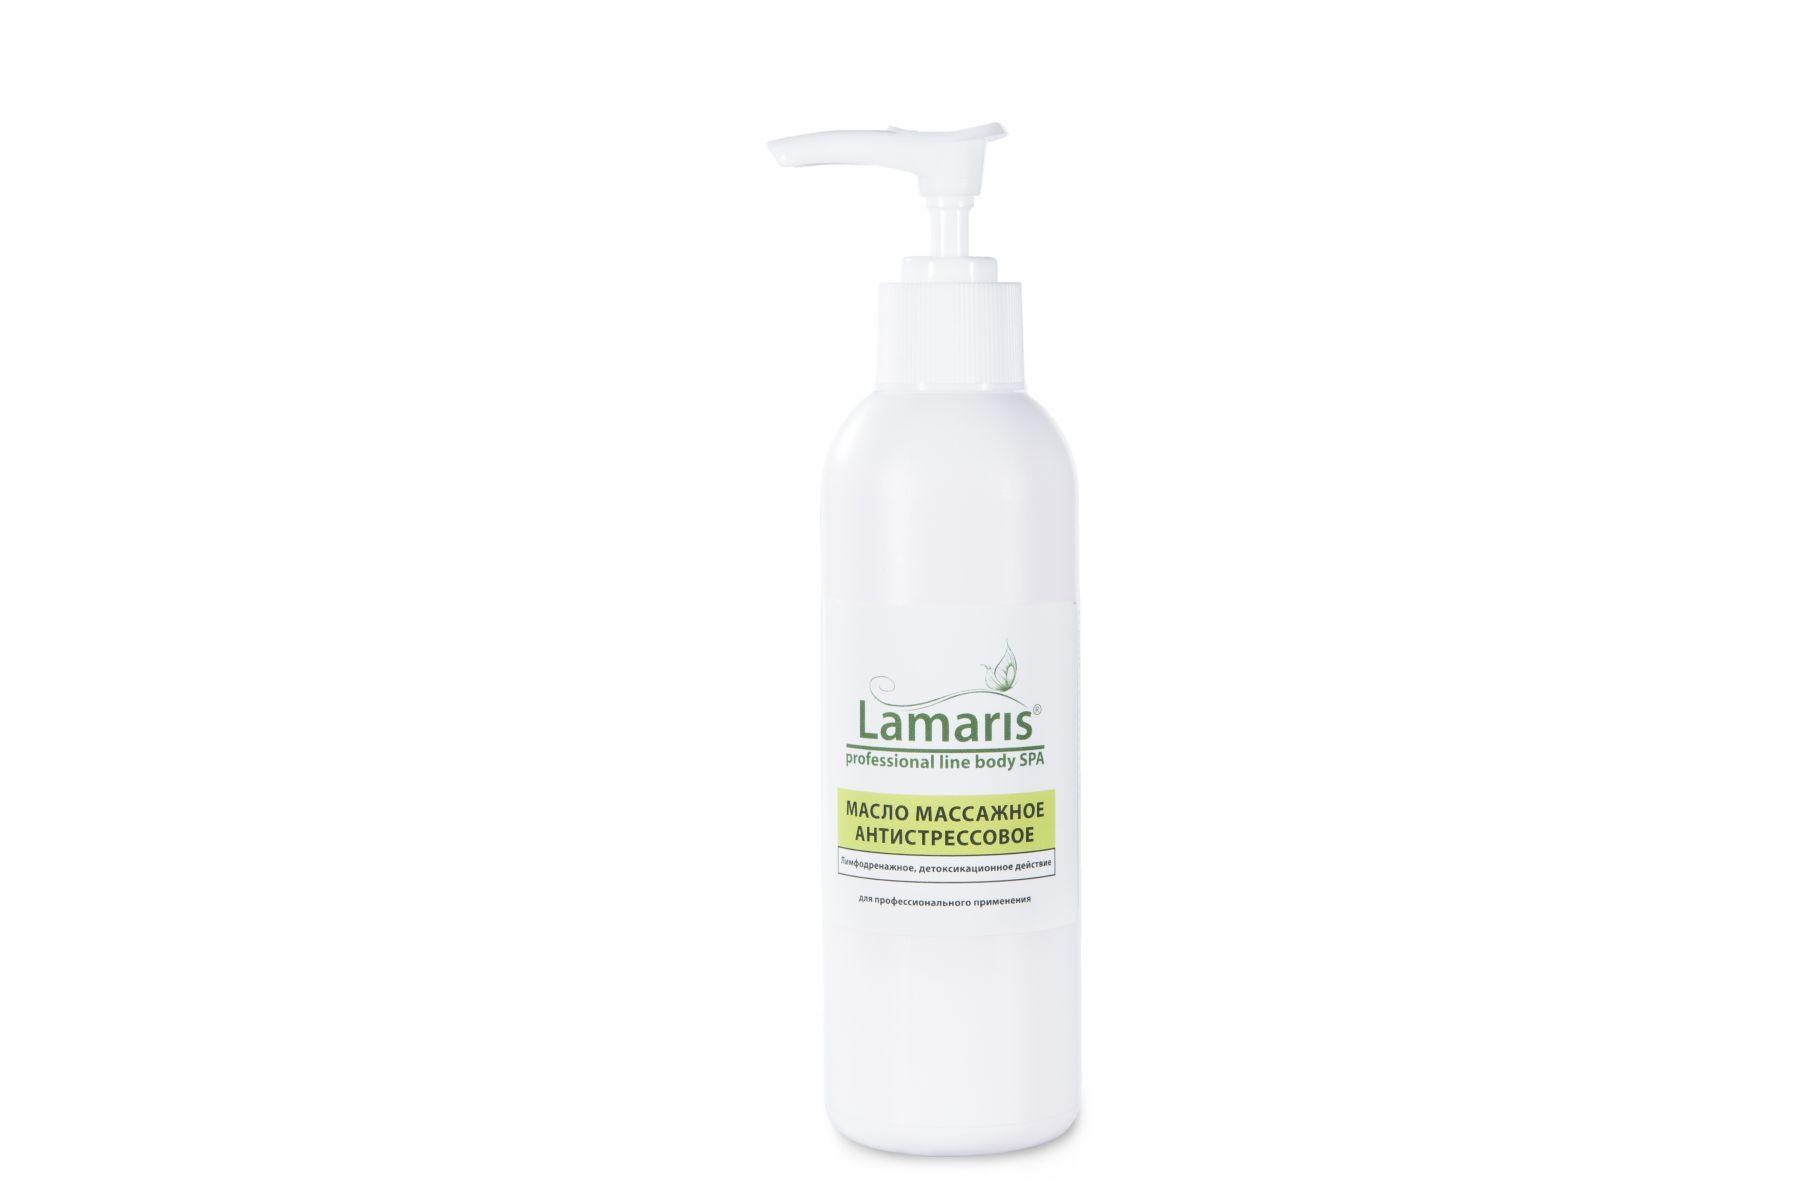 Антистрессовое масло для массажа тела Lamaris - 200, 500 мл